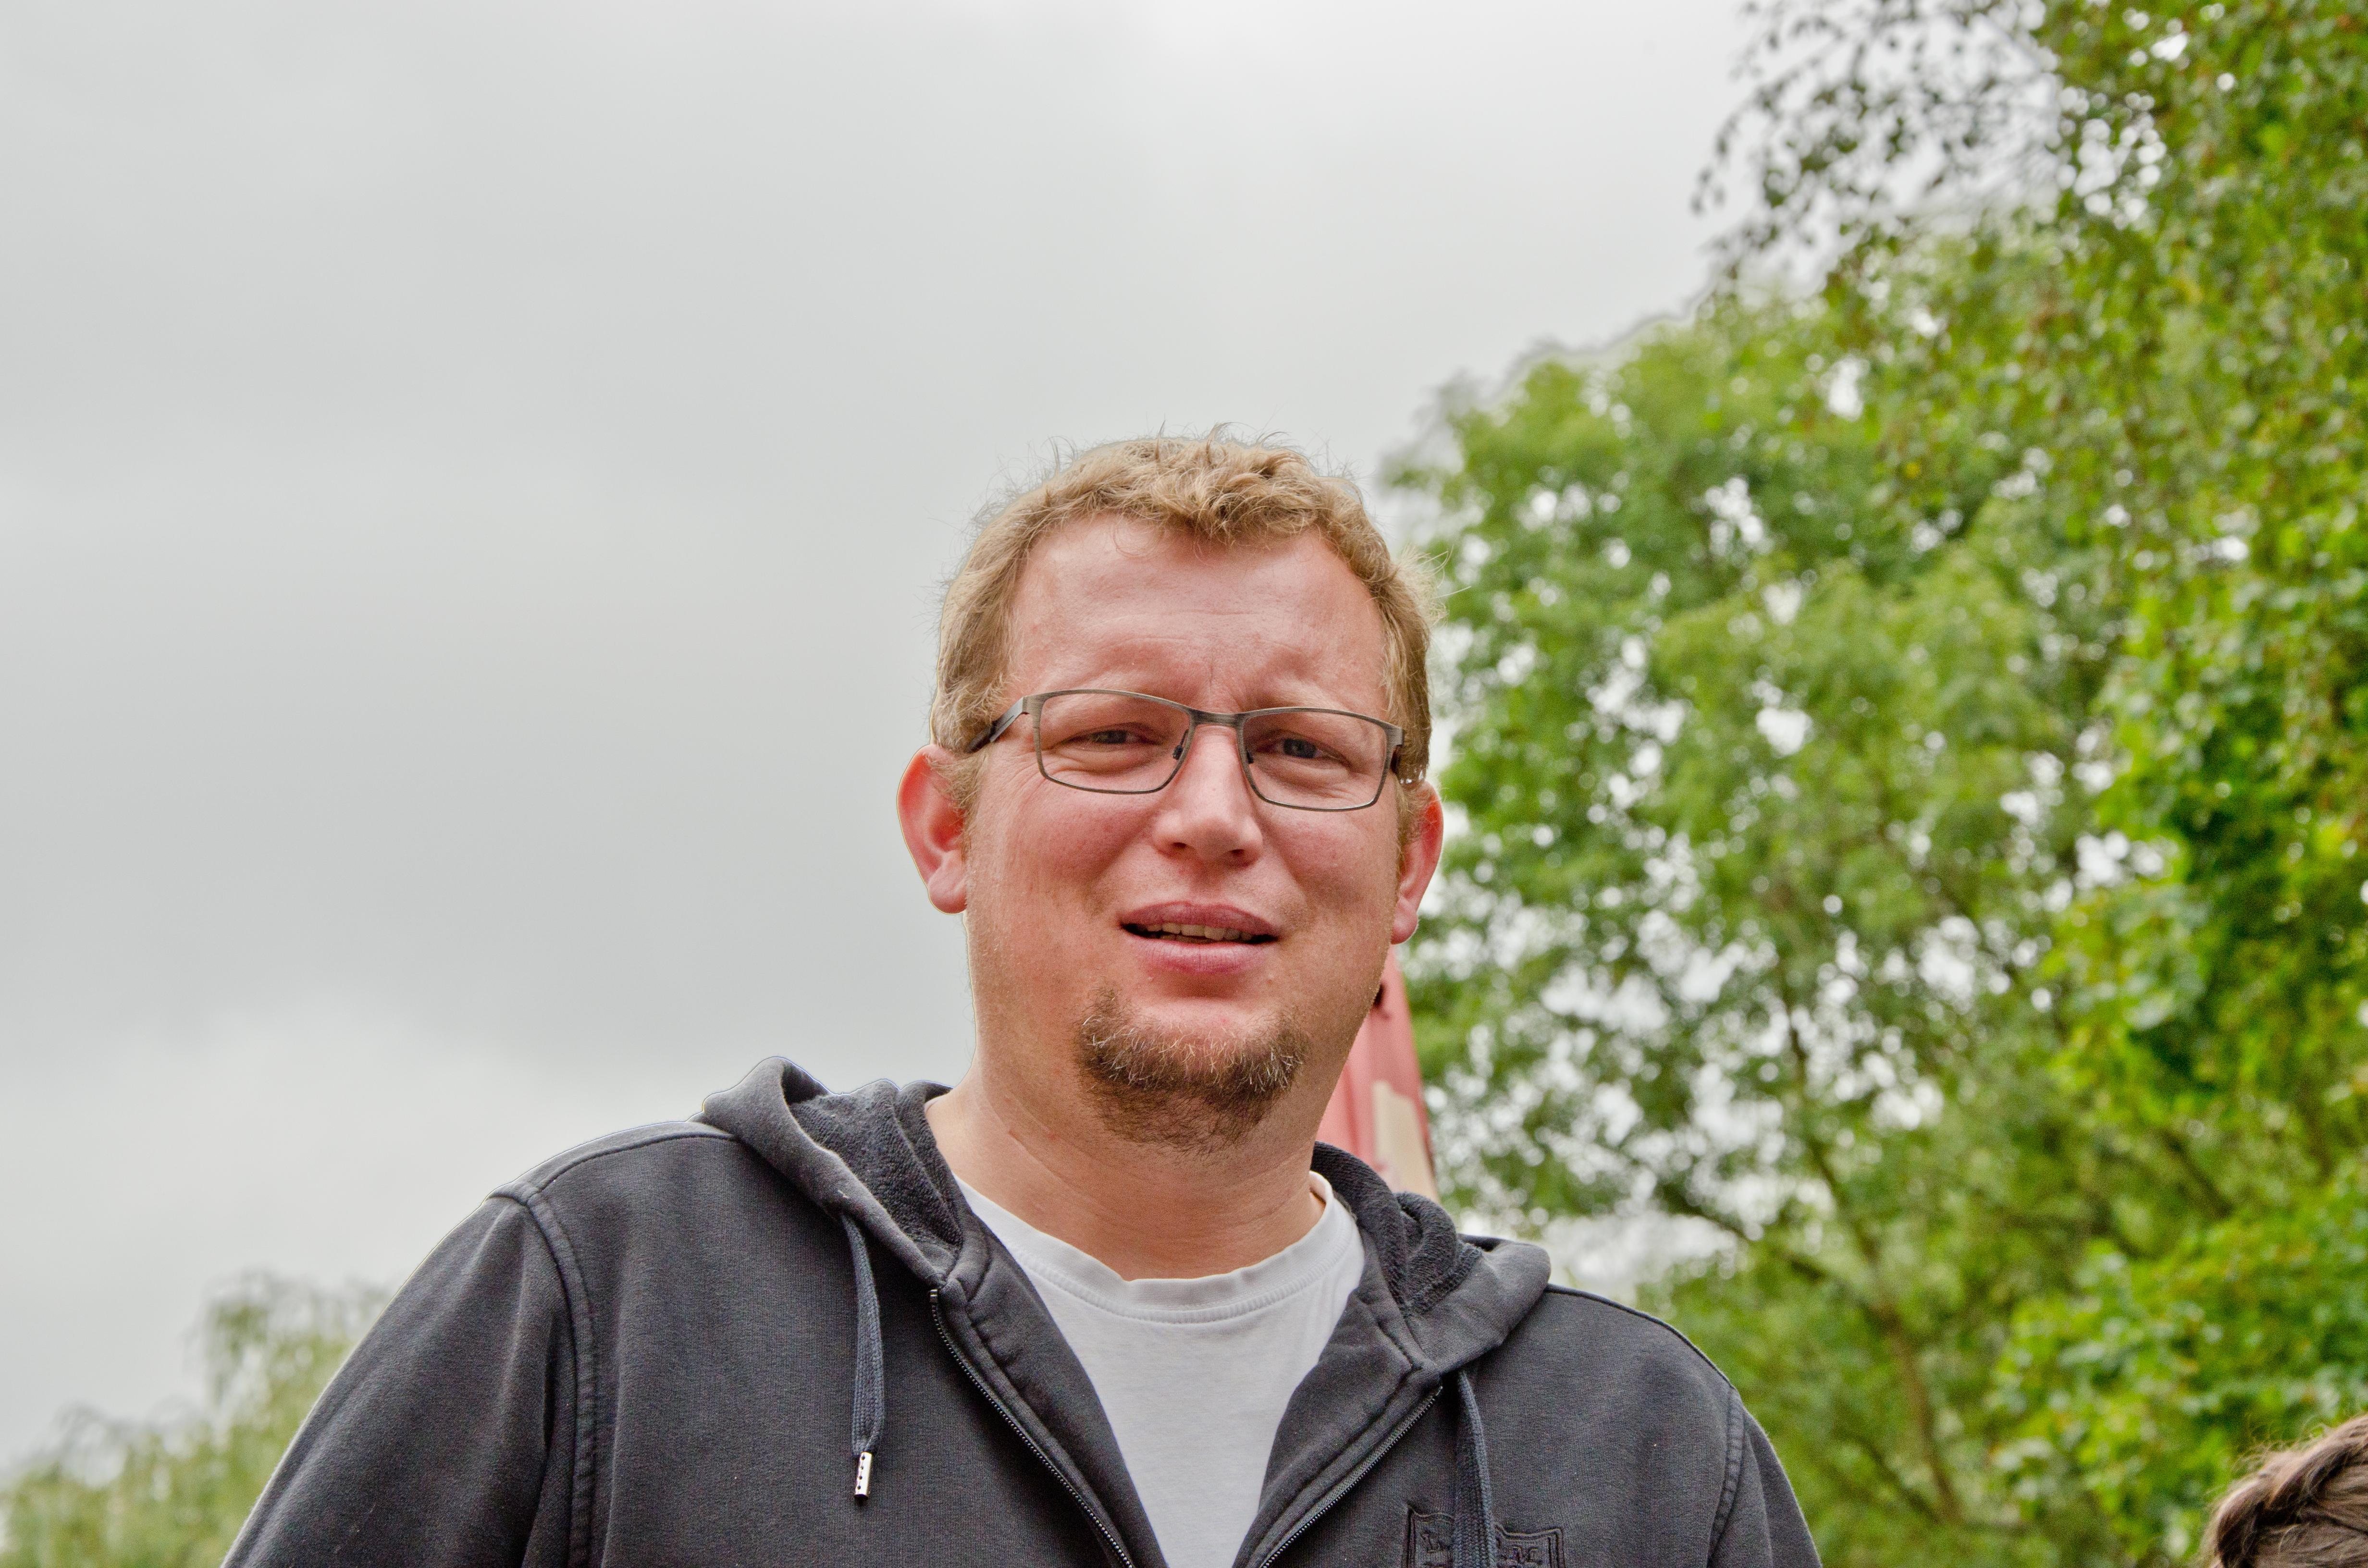 Damian Buß